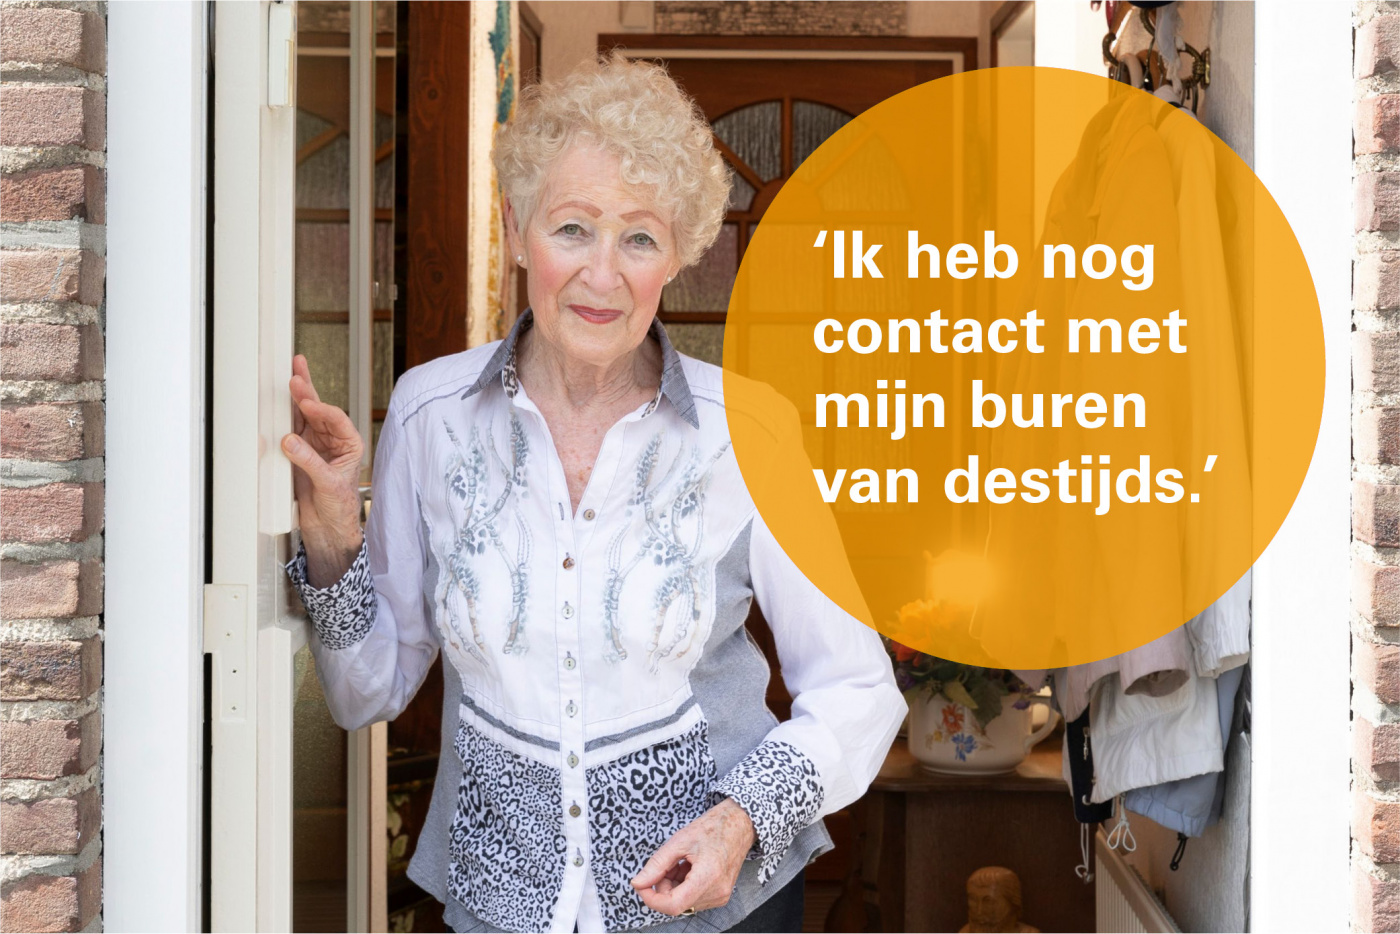 'Ik heb nog contact met mijn buren van destijds'